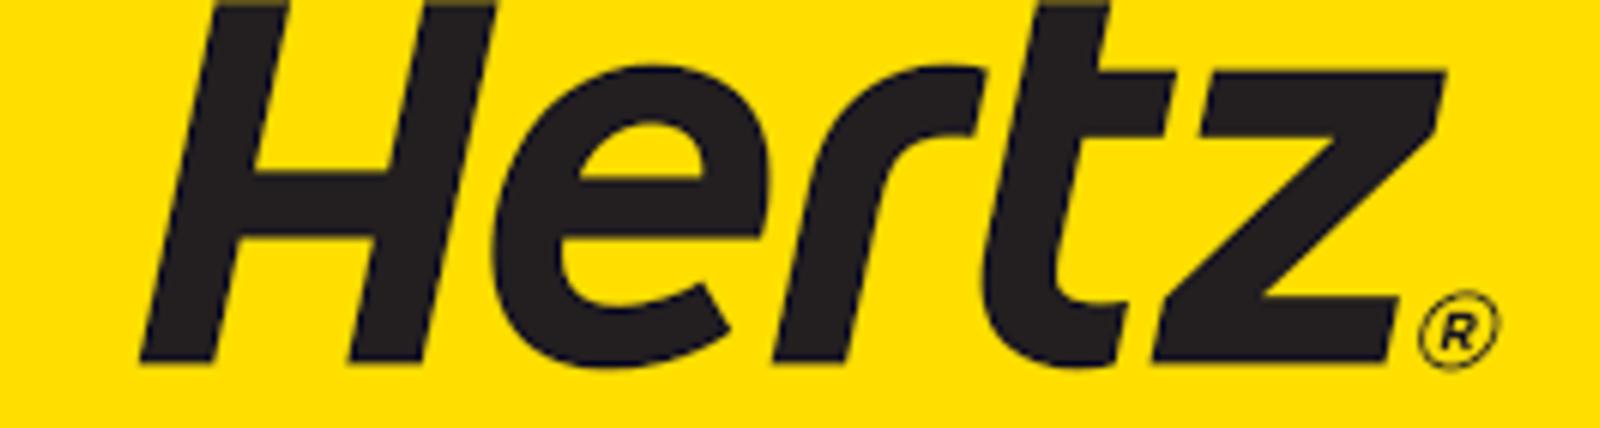 Hertz_Rent-a-Car.png